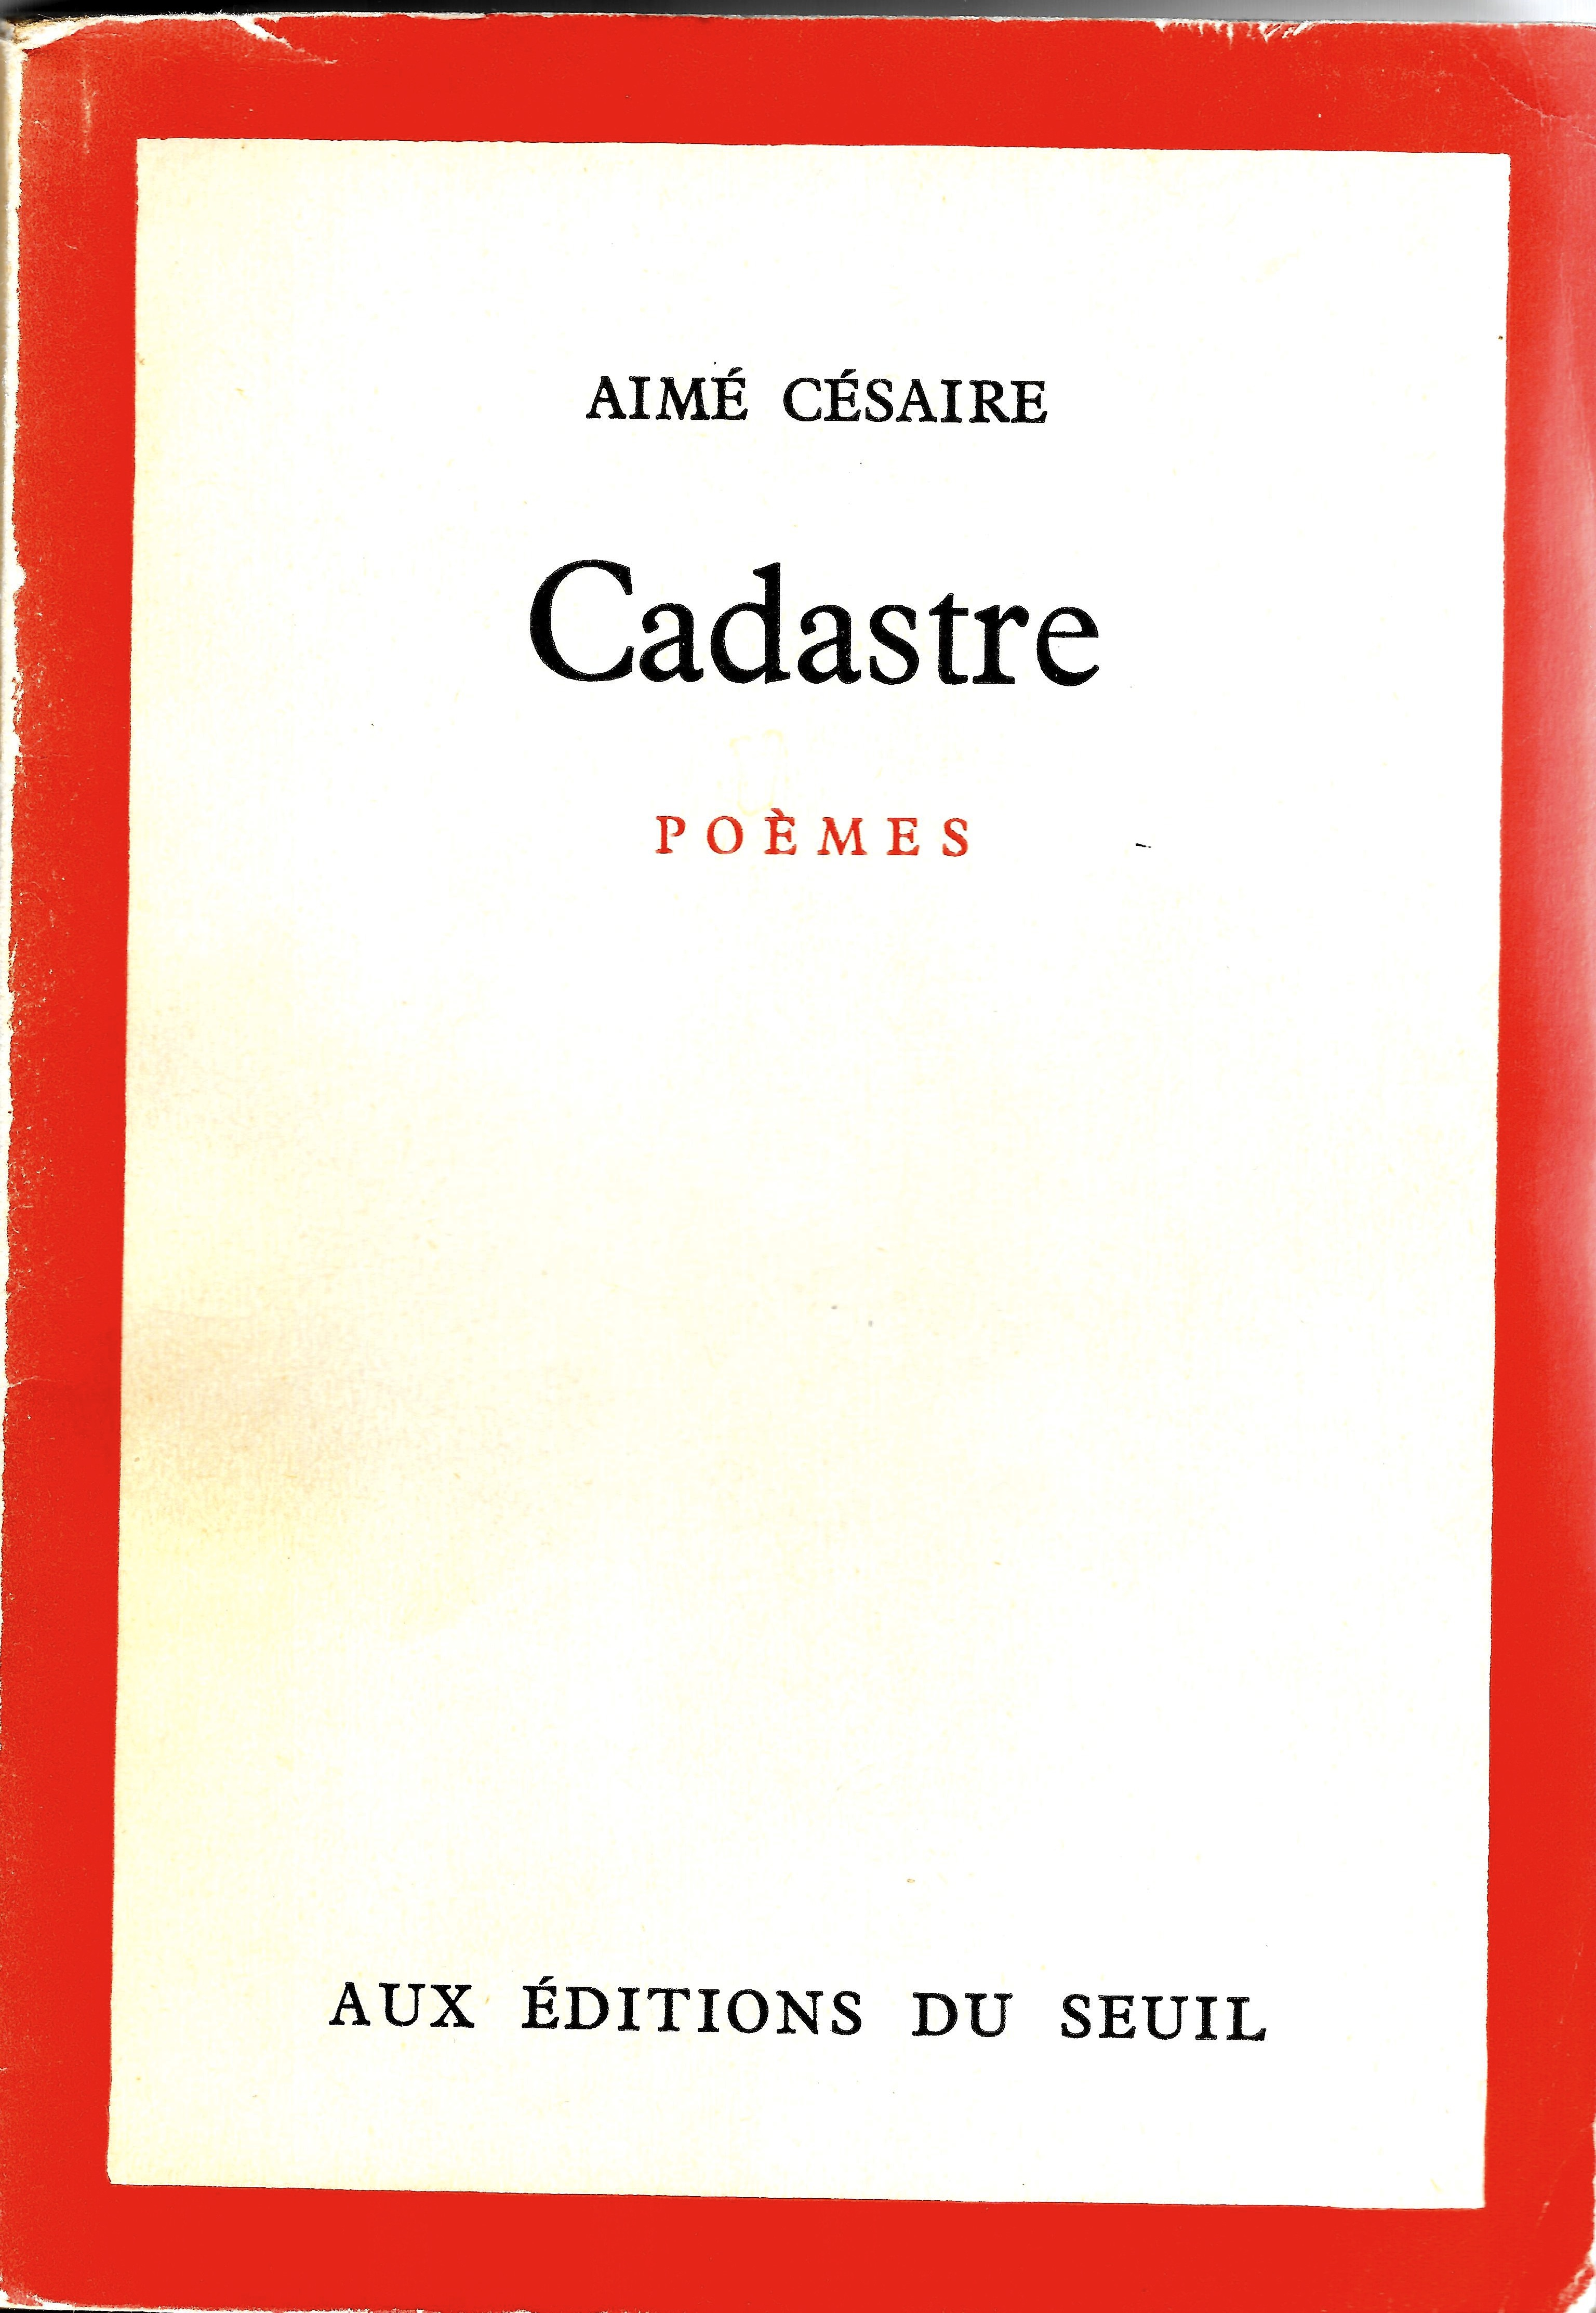 Aimé Césaire La Quête Du Nègre Fondamental